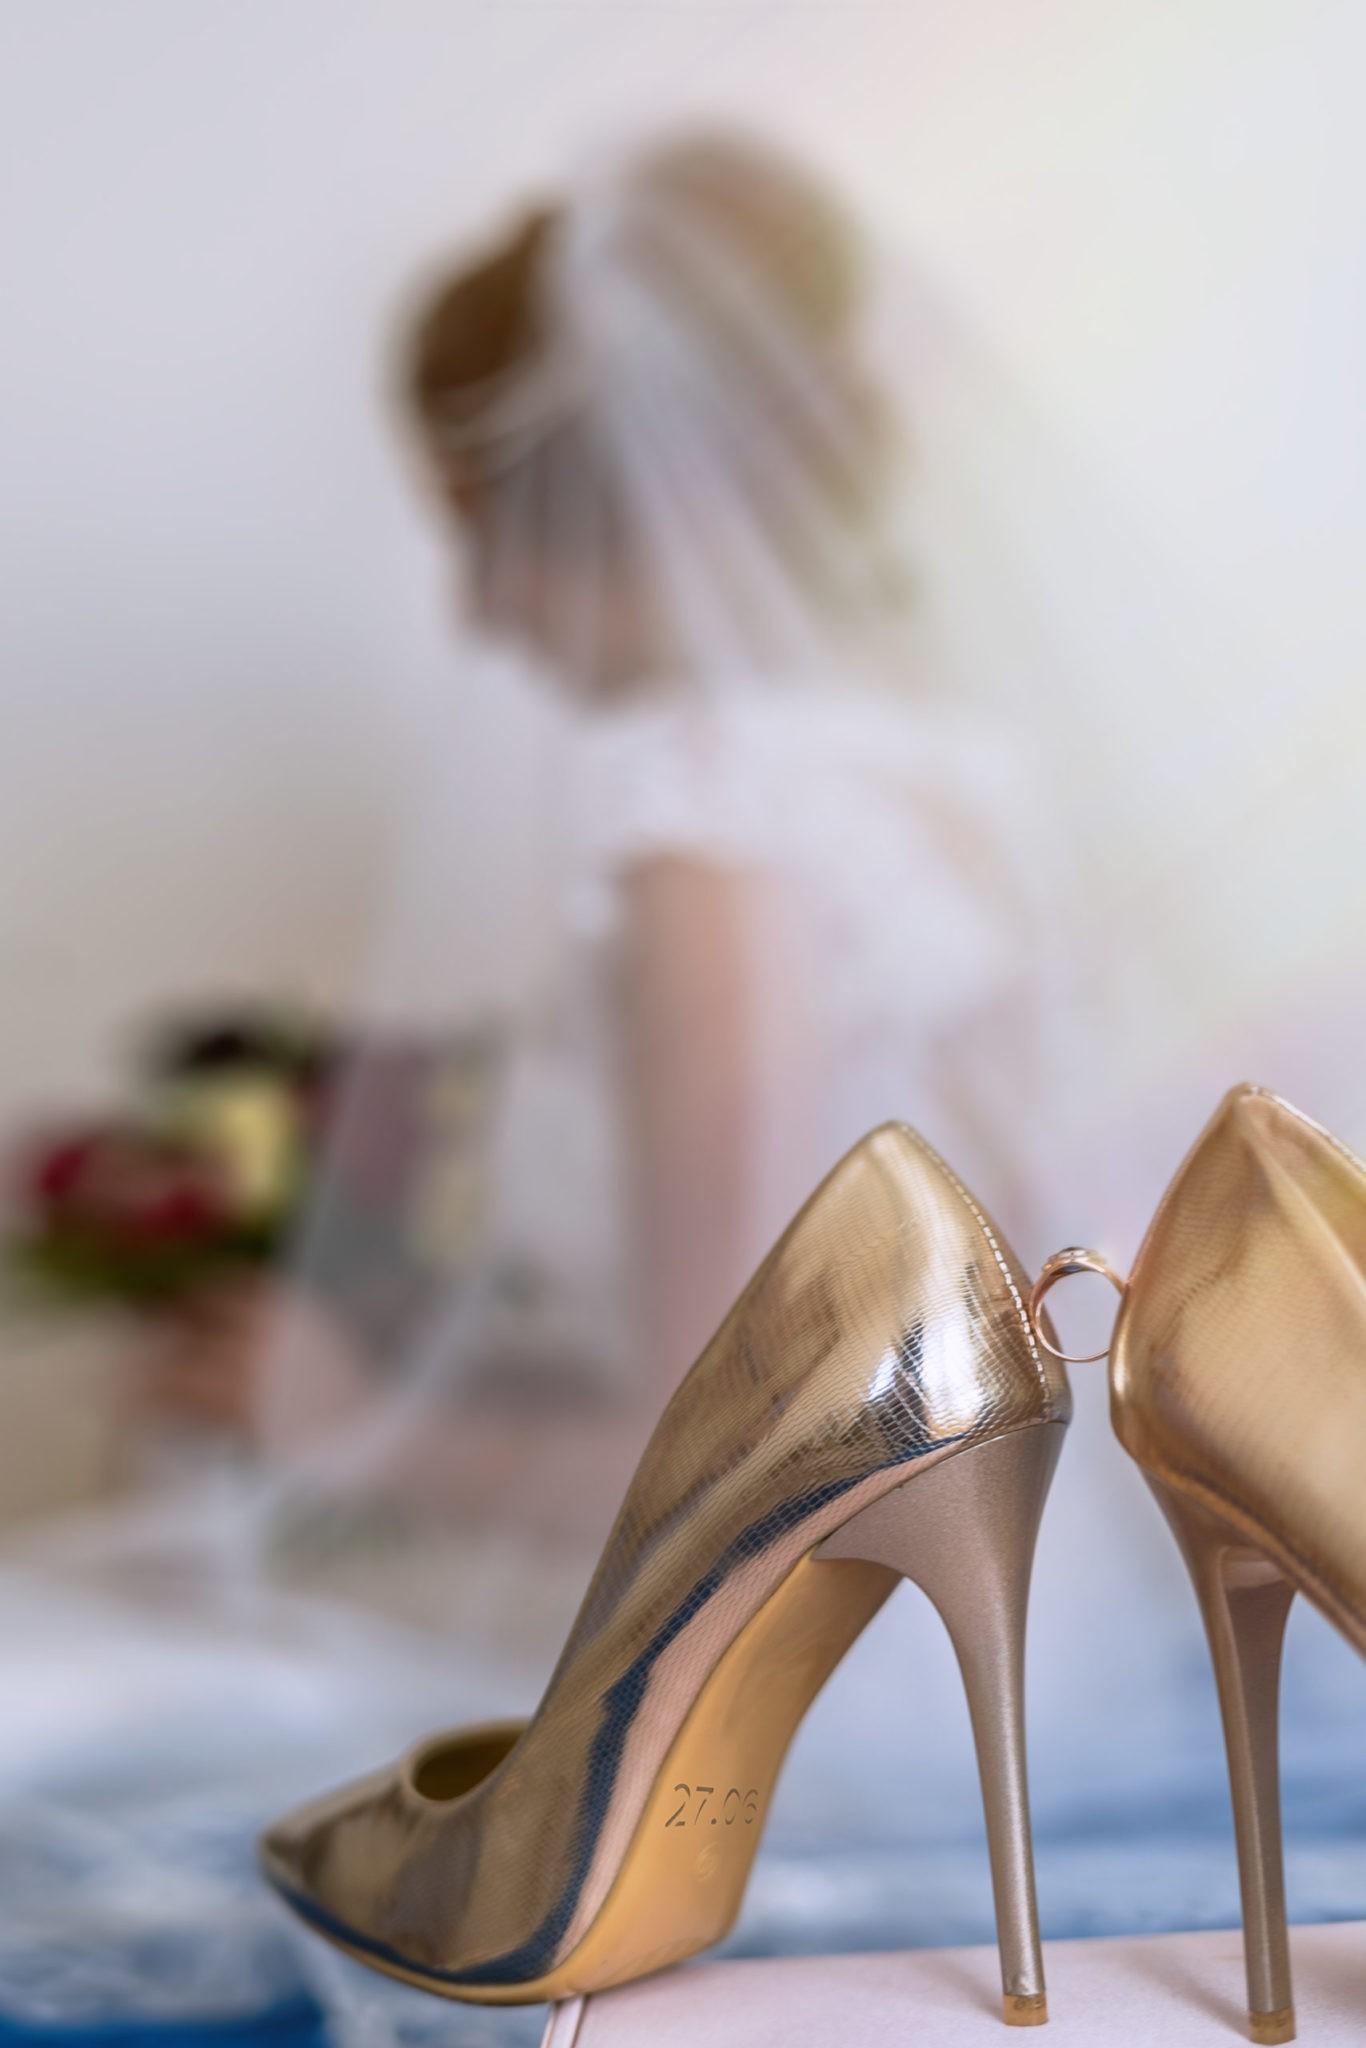 Свадебная фотосъемка в Краснодаре от свадебного фотографа: утро невесты, кольцо, туфли, свадебные детали